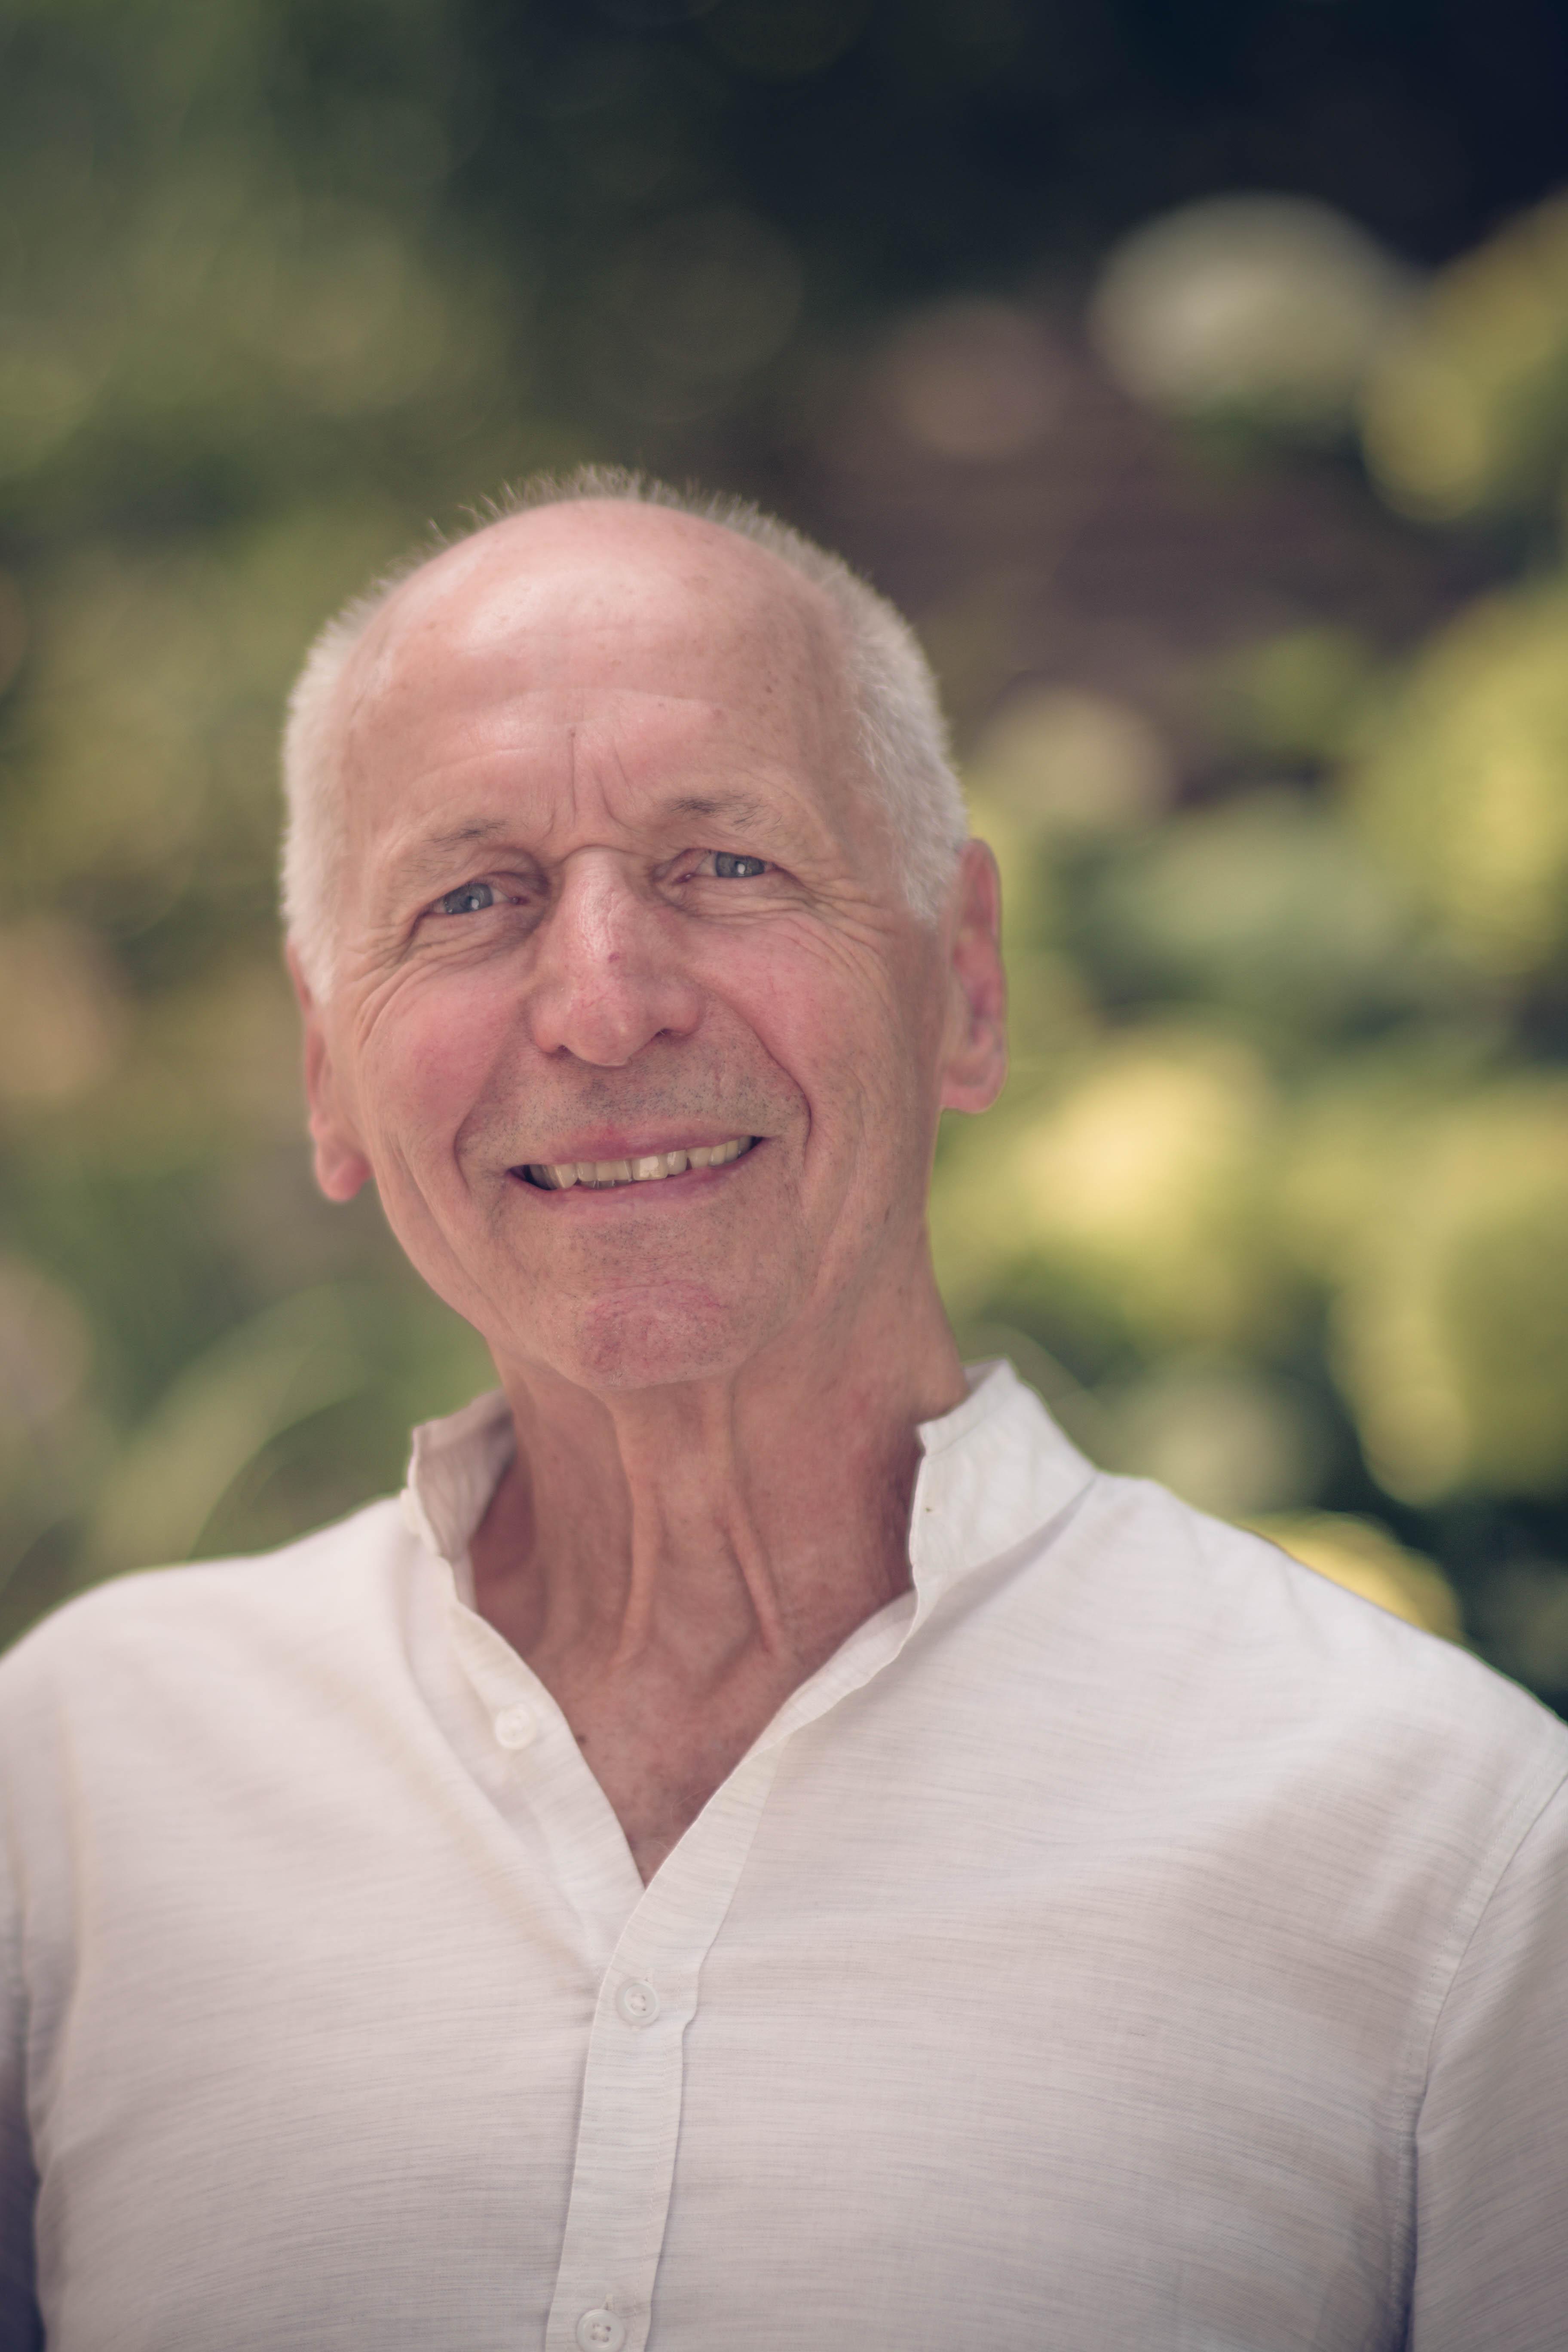 Peter Rall